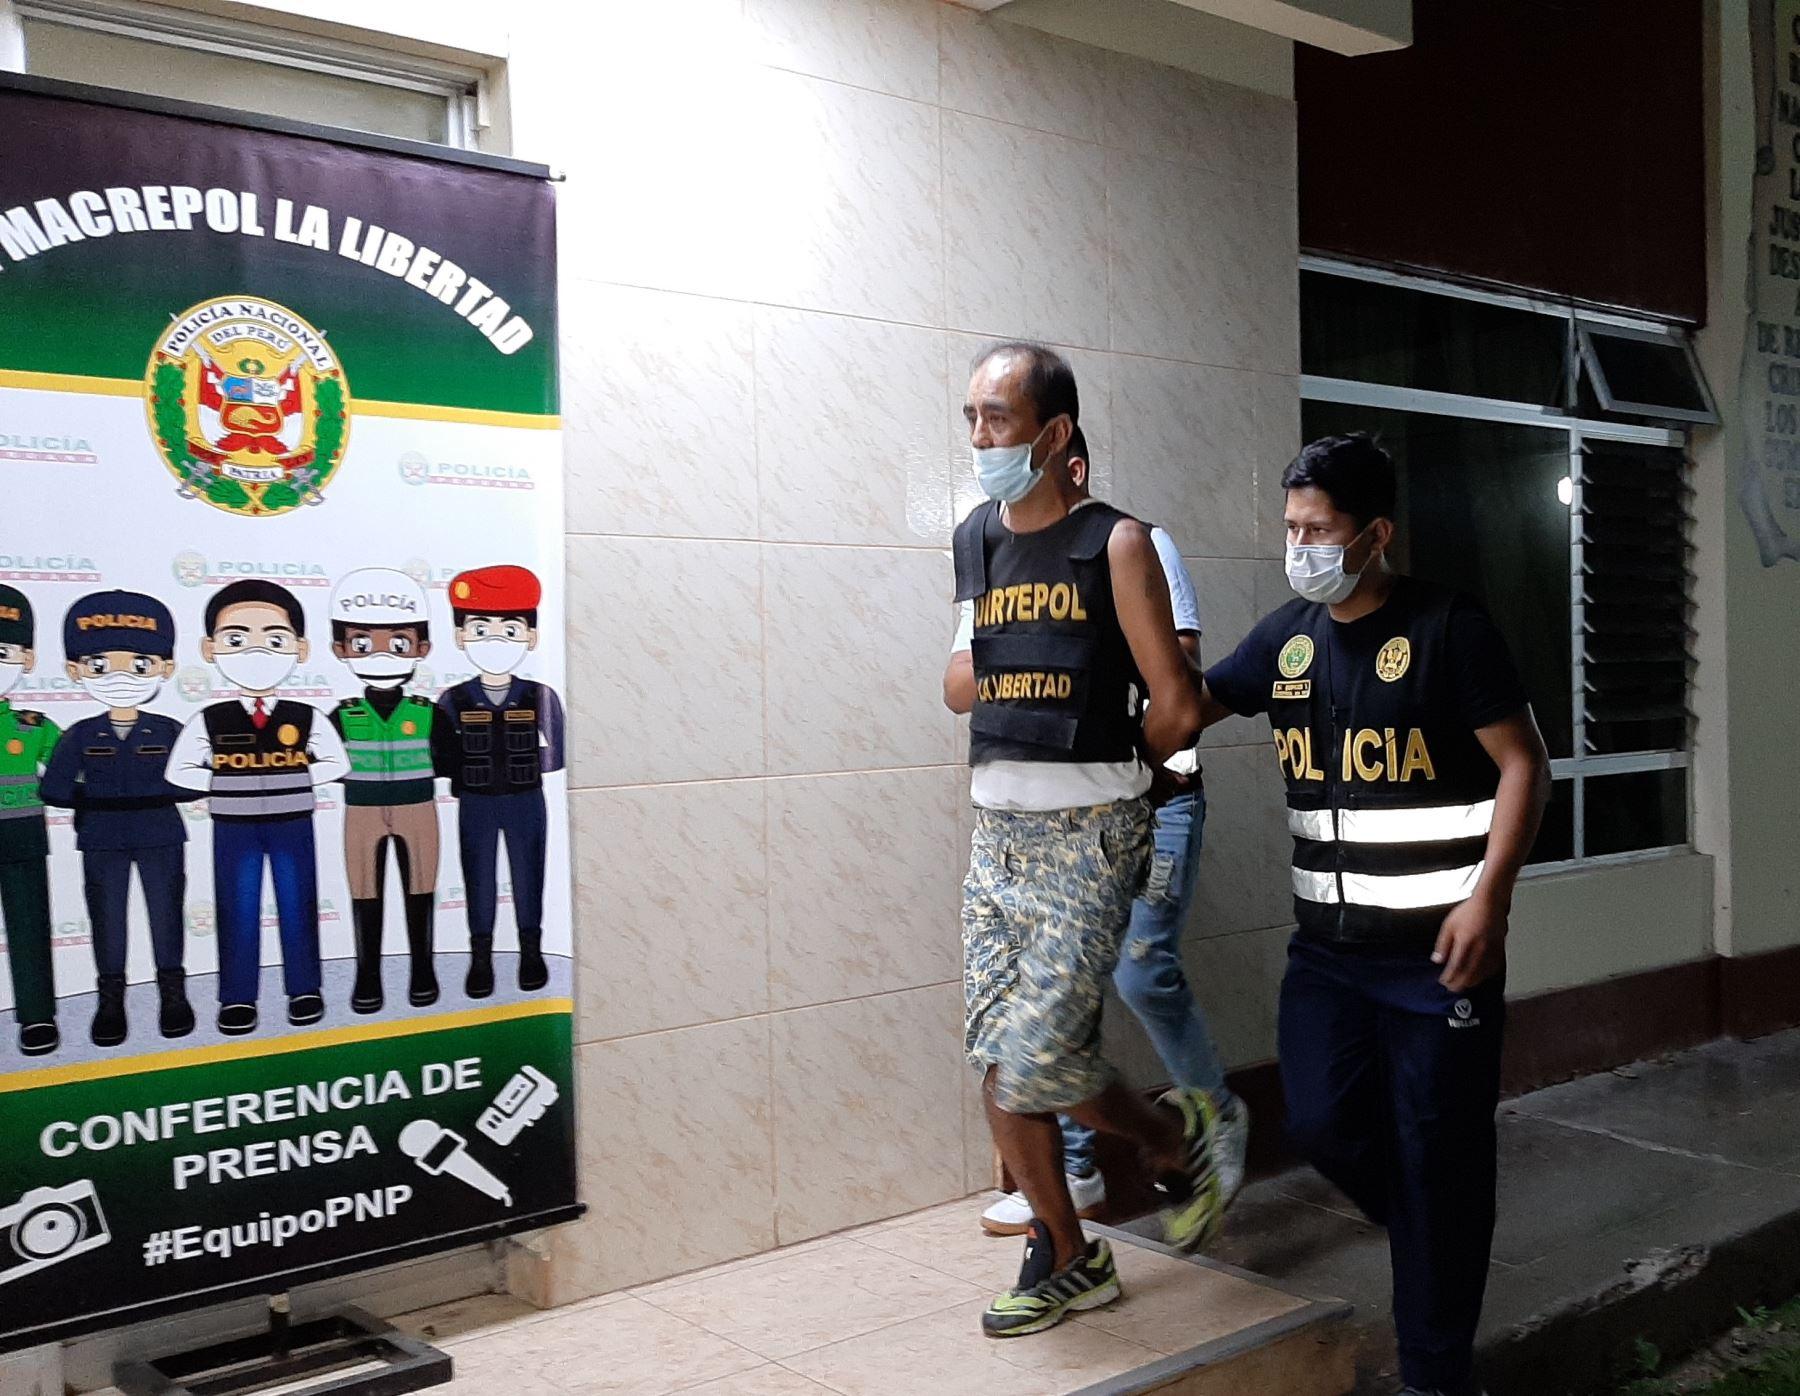 la-libertad-cara-cortada-admite-ser-el-asesino-de-ciudadano-venezolano